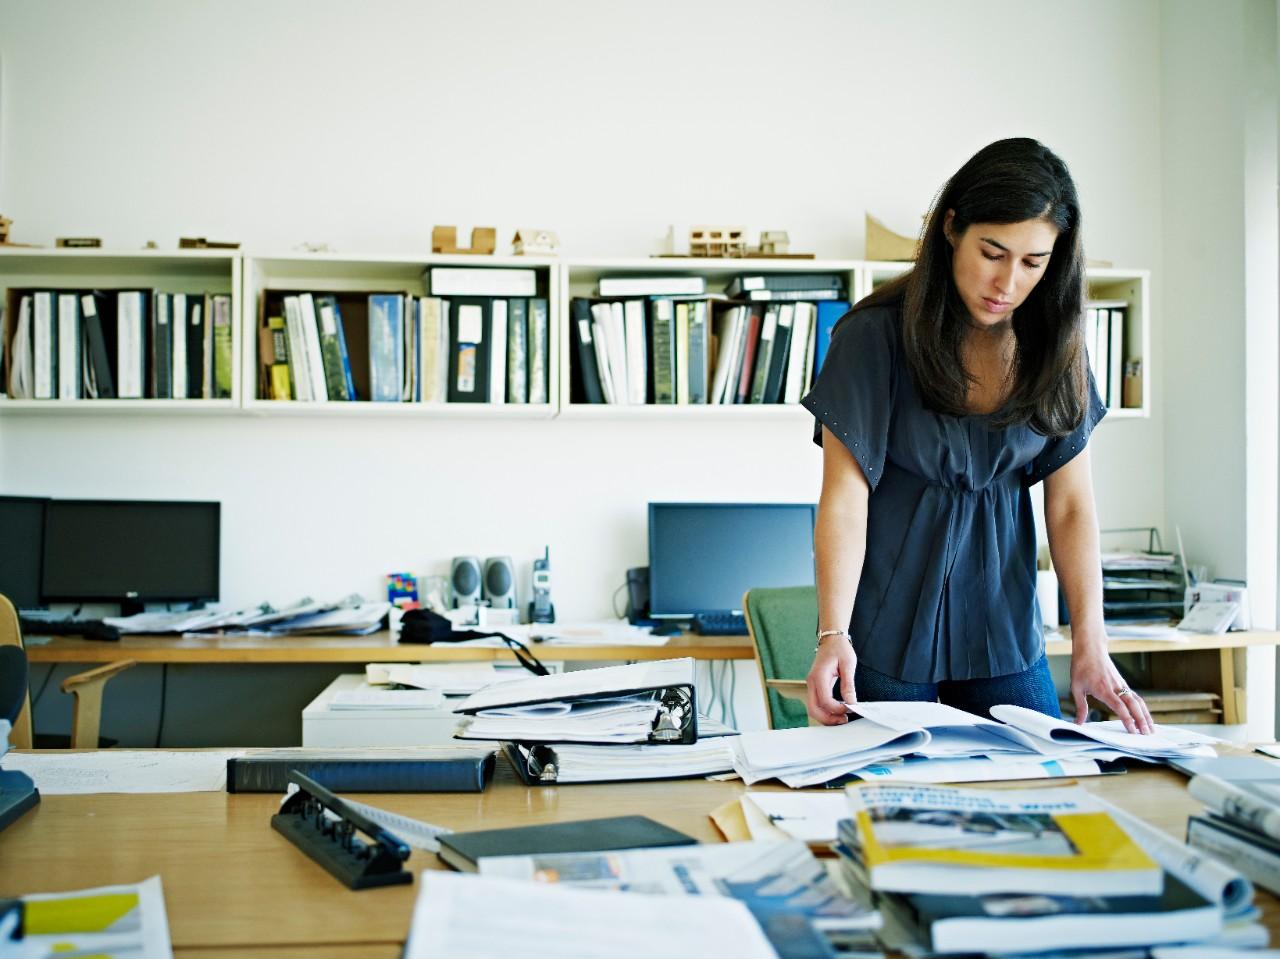 Female architect examining documents at desk